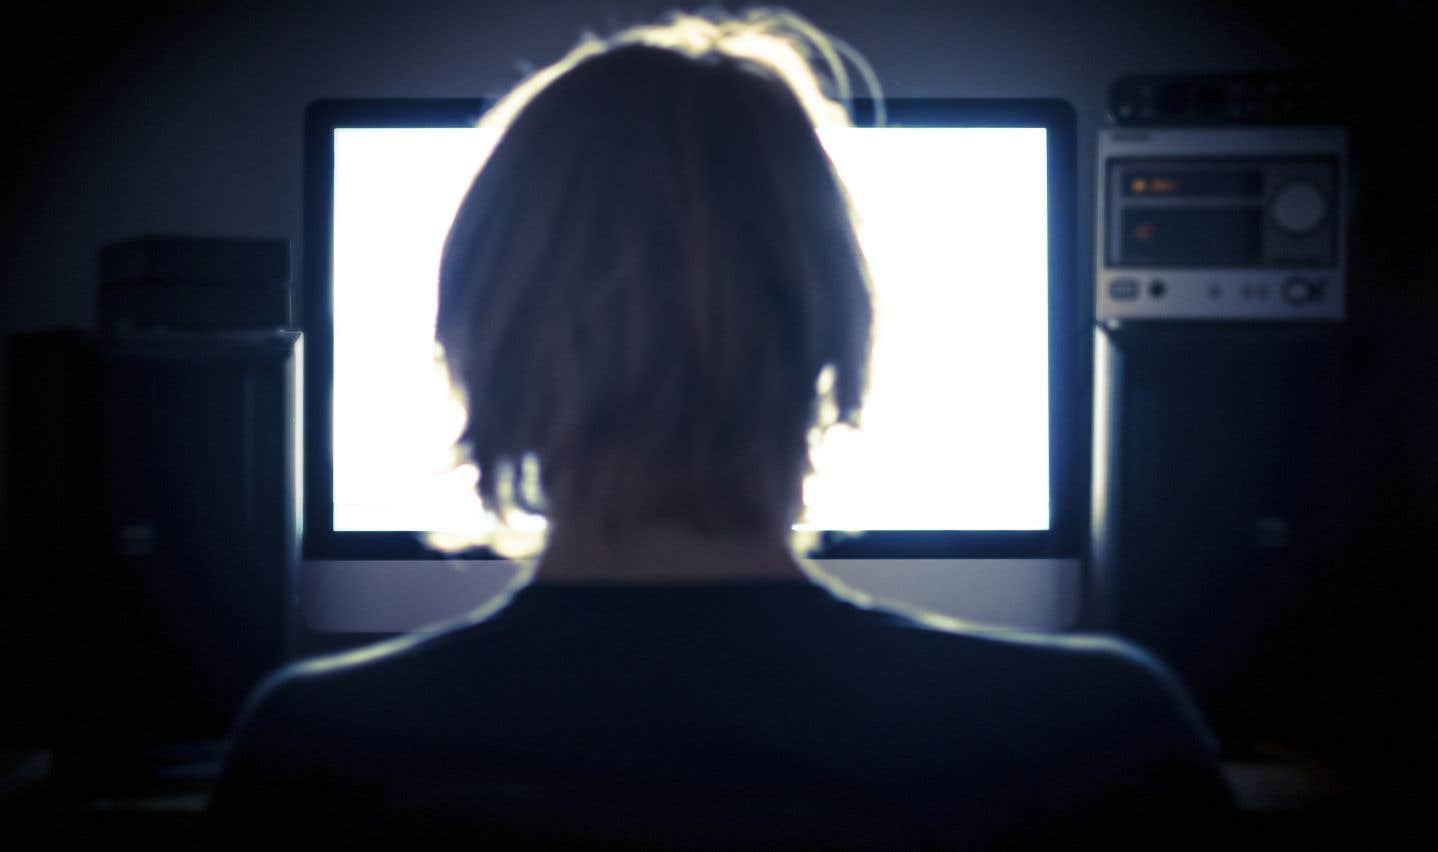 Le rapport indique que des tactiques de manipulation et de désinformation en ligne ont joué un rôle important dans les élections d'au moins 18 pays au cours de l'année écoulée.